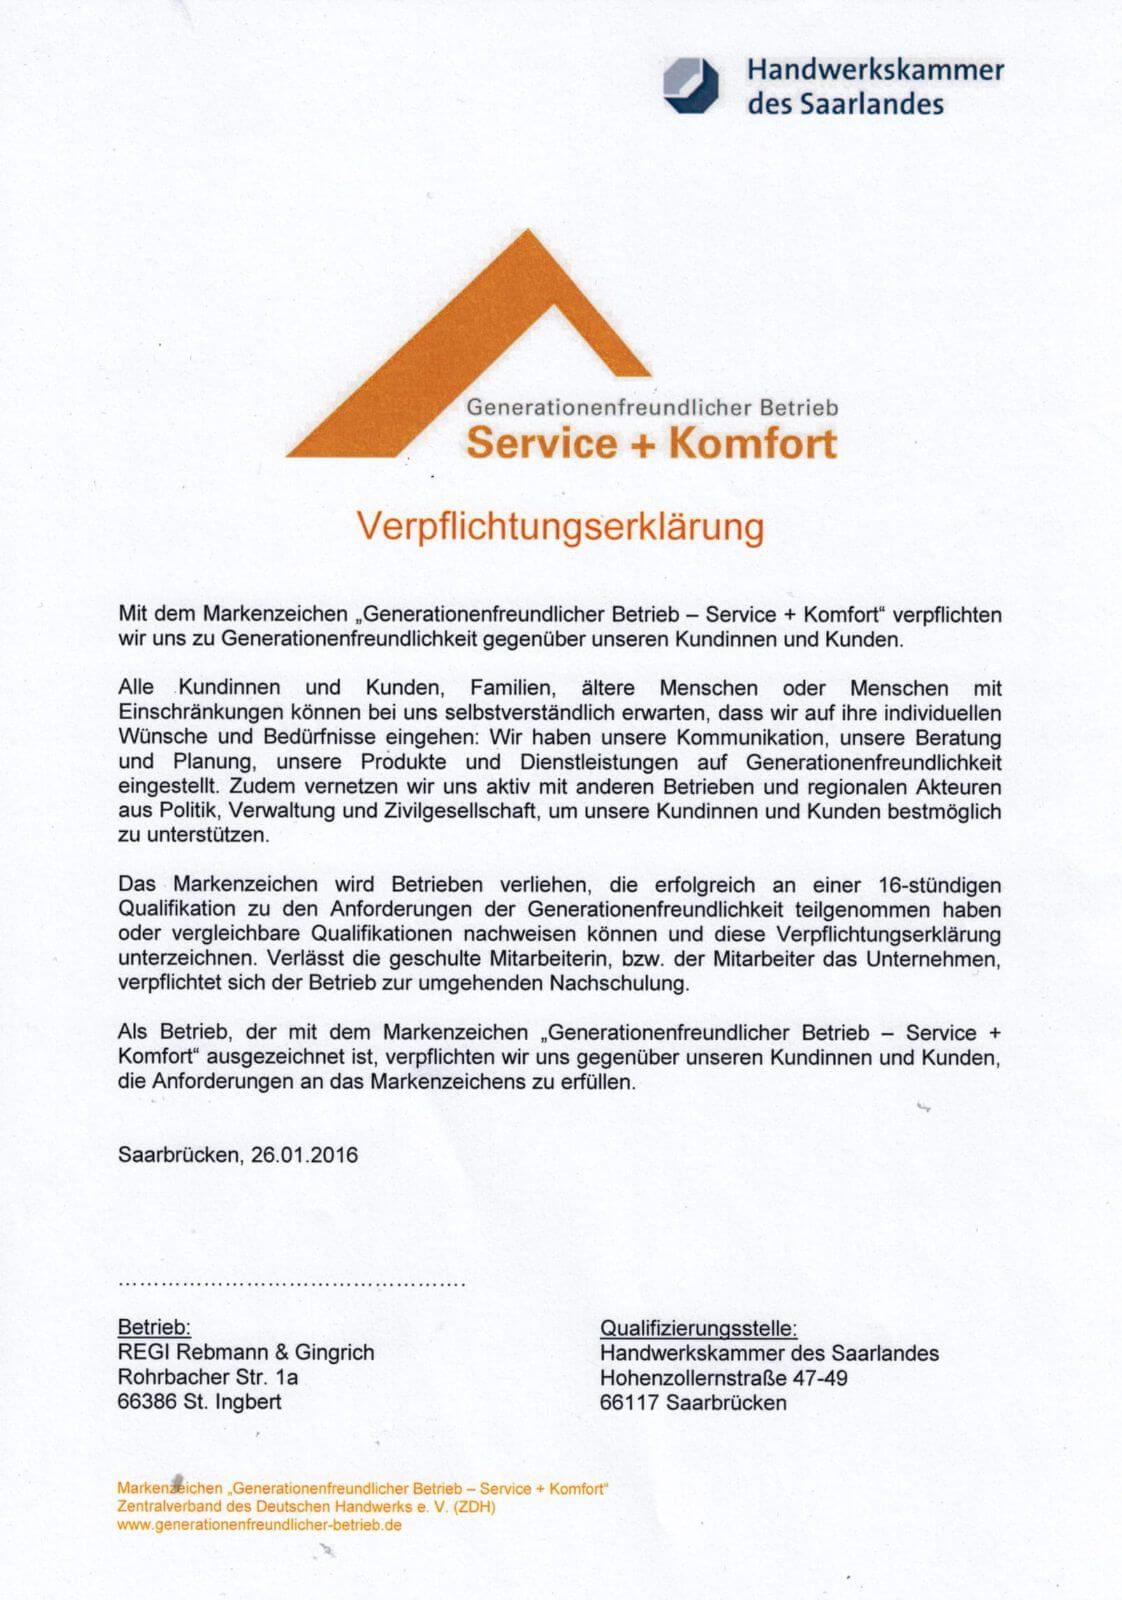 generationenfreundlicher_betrieb_verpflichtungserkl_rung-1